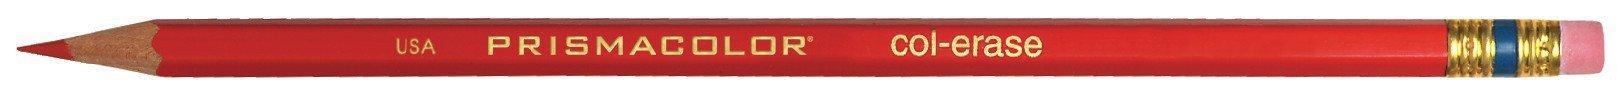 Prismacolor Col-Erase Erasable Colored Pencil, 12-Count, Red (20045)